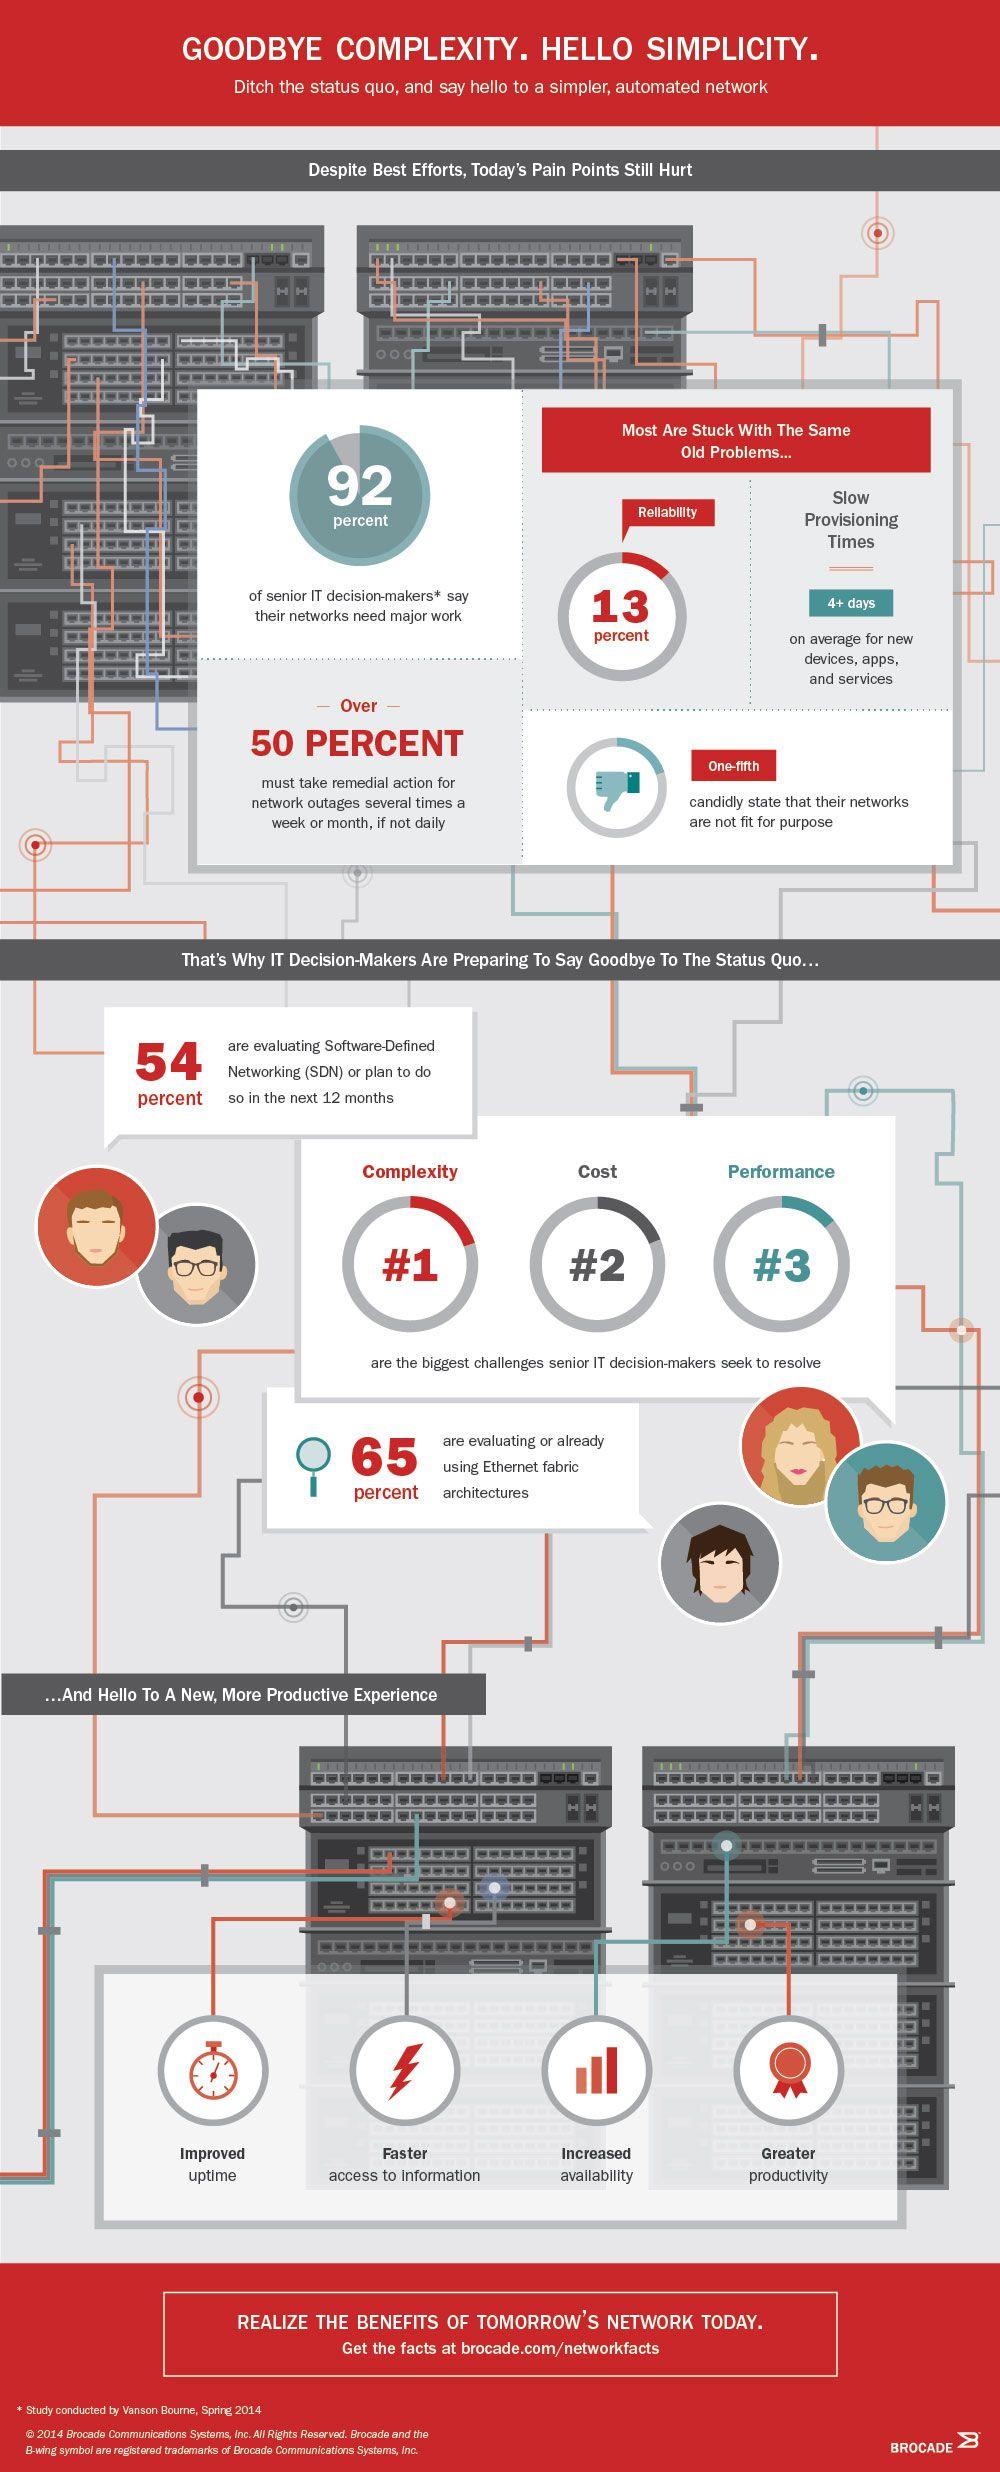 Brocade-Infografic zu Ethernet Fabric und Software Defined Networking. Quelle: Brocade